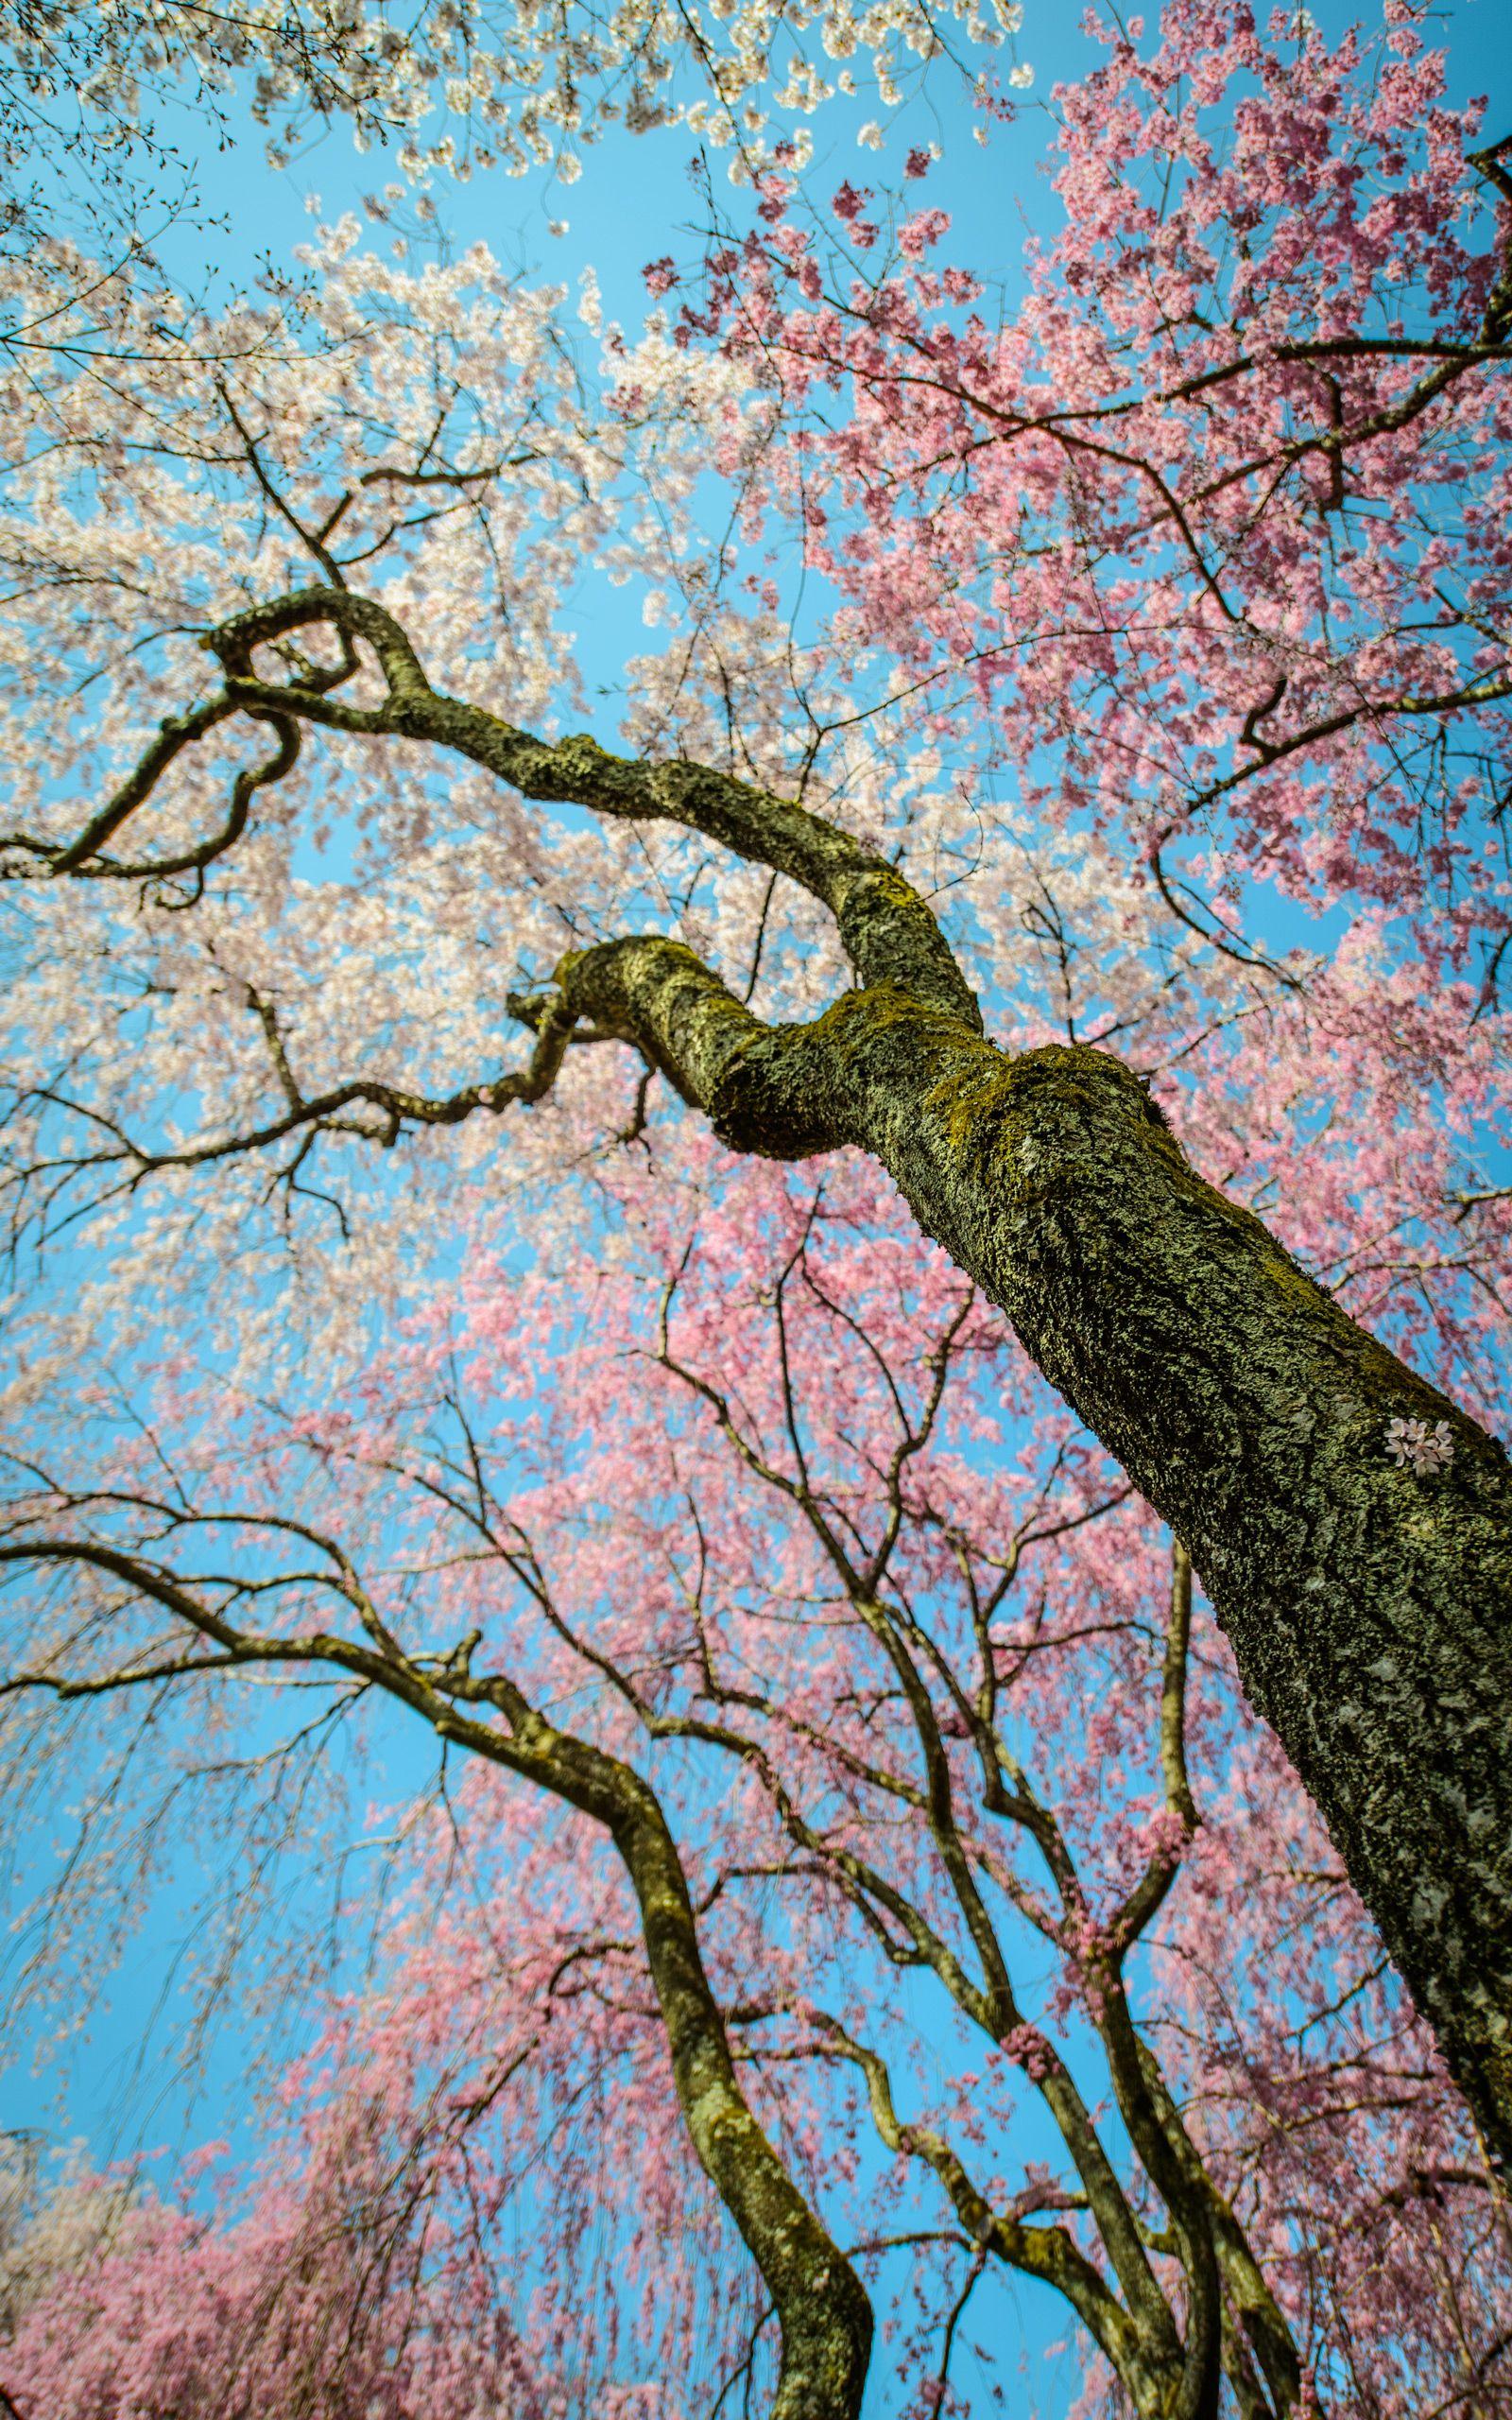 Photos From Jeffrey Friedl S Blog Desktop Backgrounds Vertical Photostream Cherry Blossom Art Cherry Blossom Japan Sakura Cherry Blossom